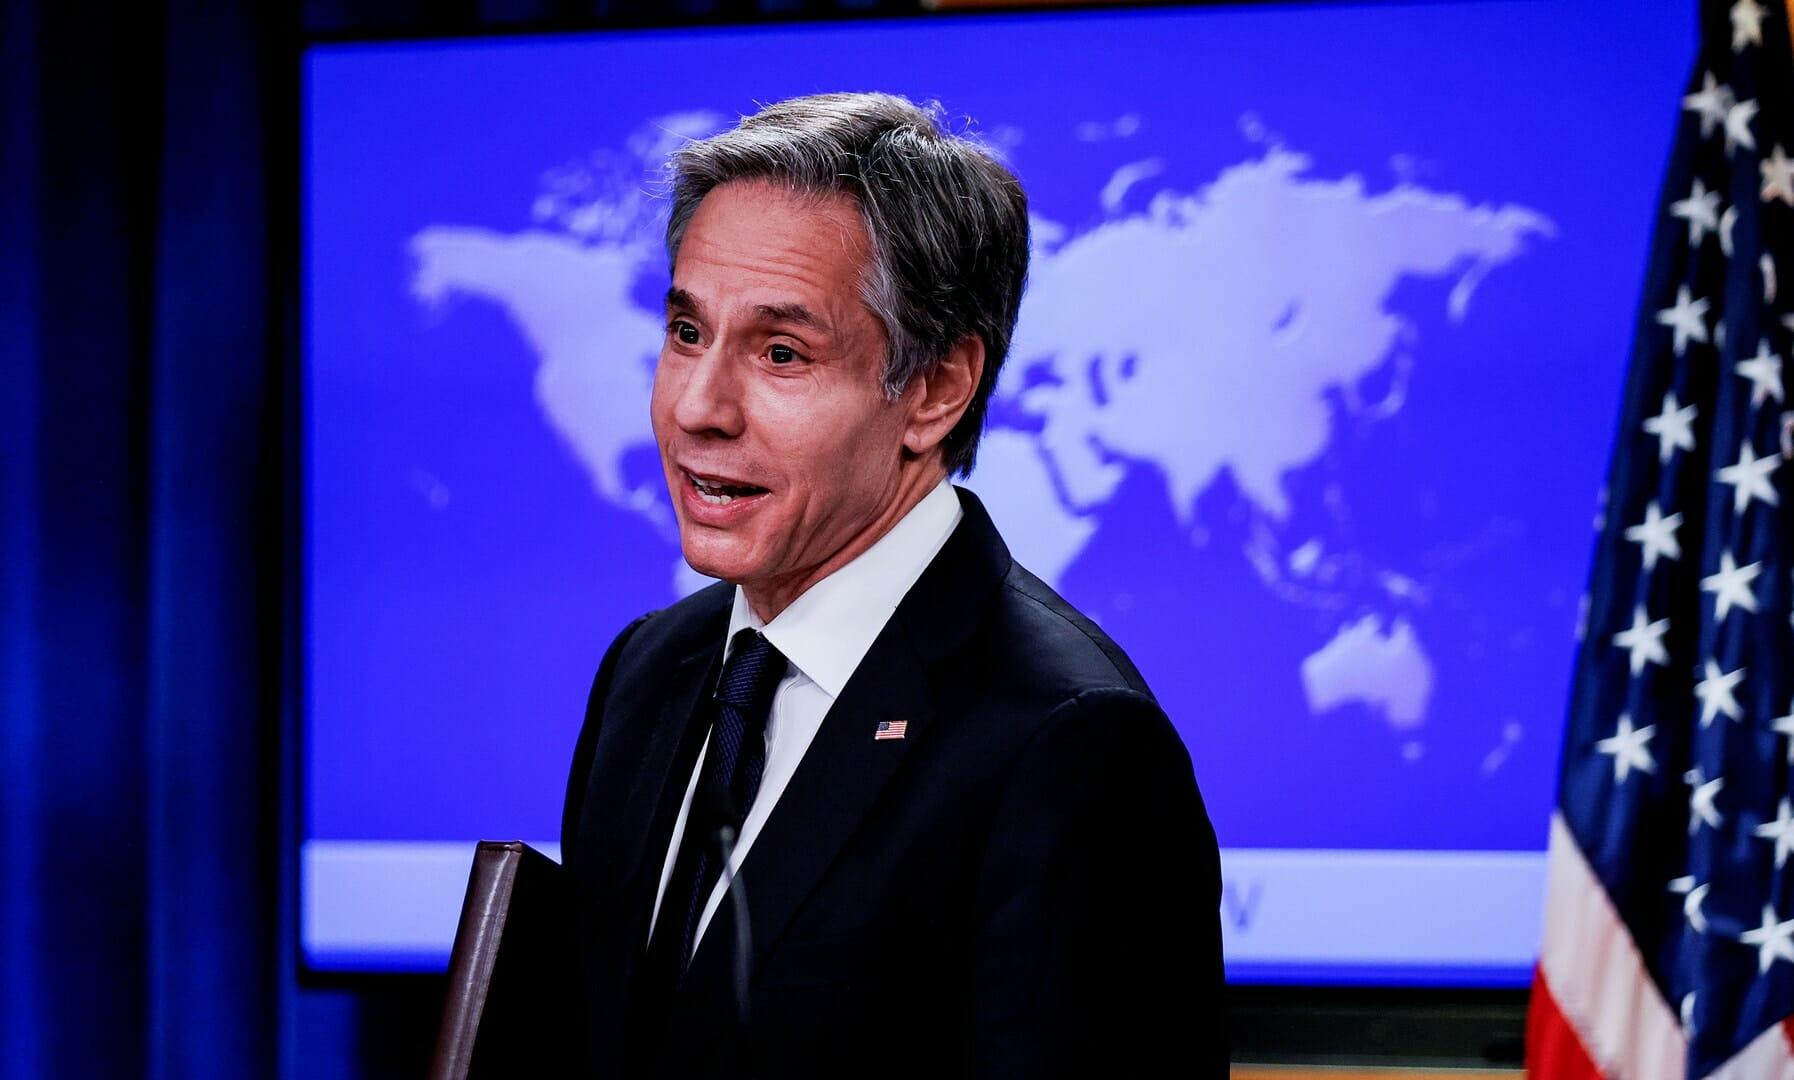 وزير الخارجية الامريكي يطمئن قادة الشرق الاوسط من بايدن